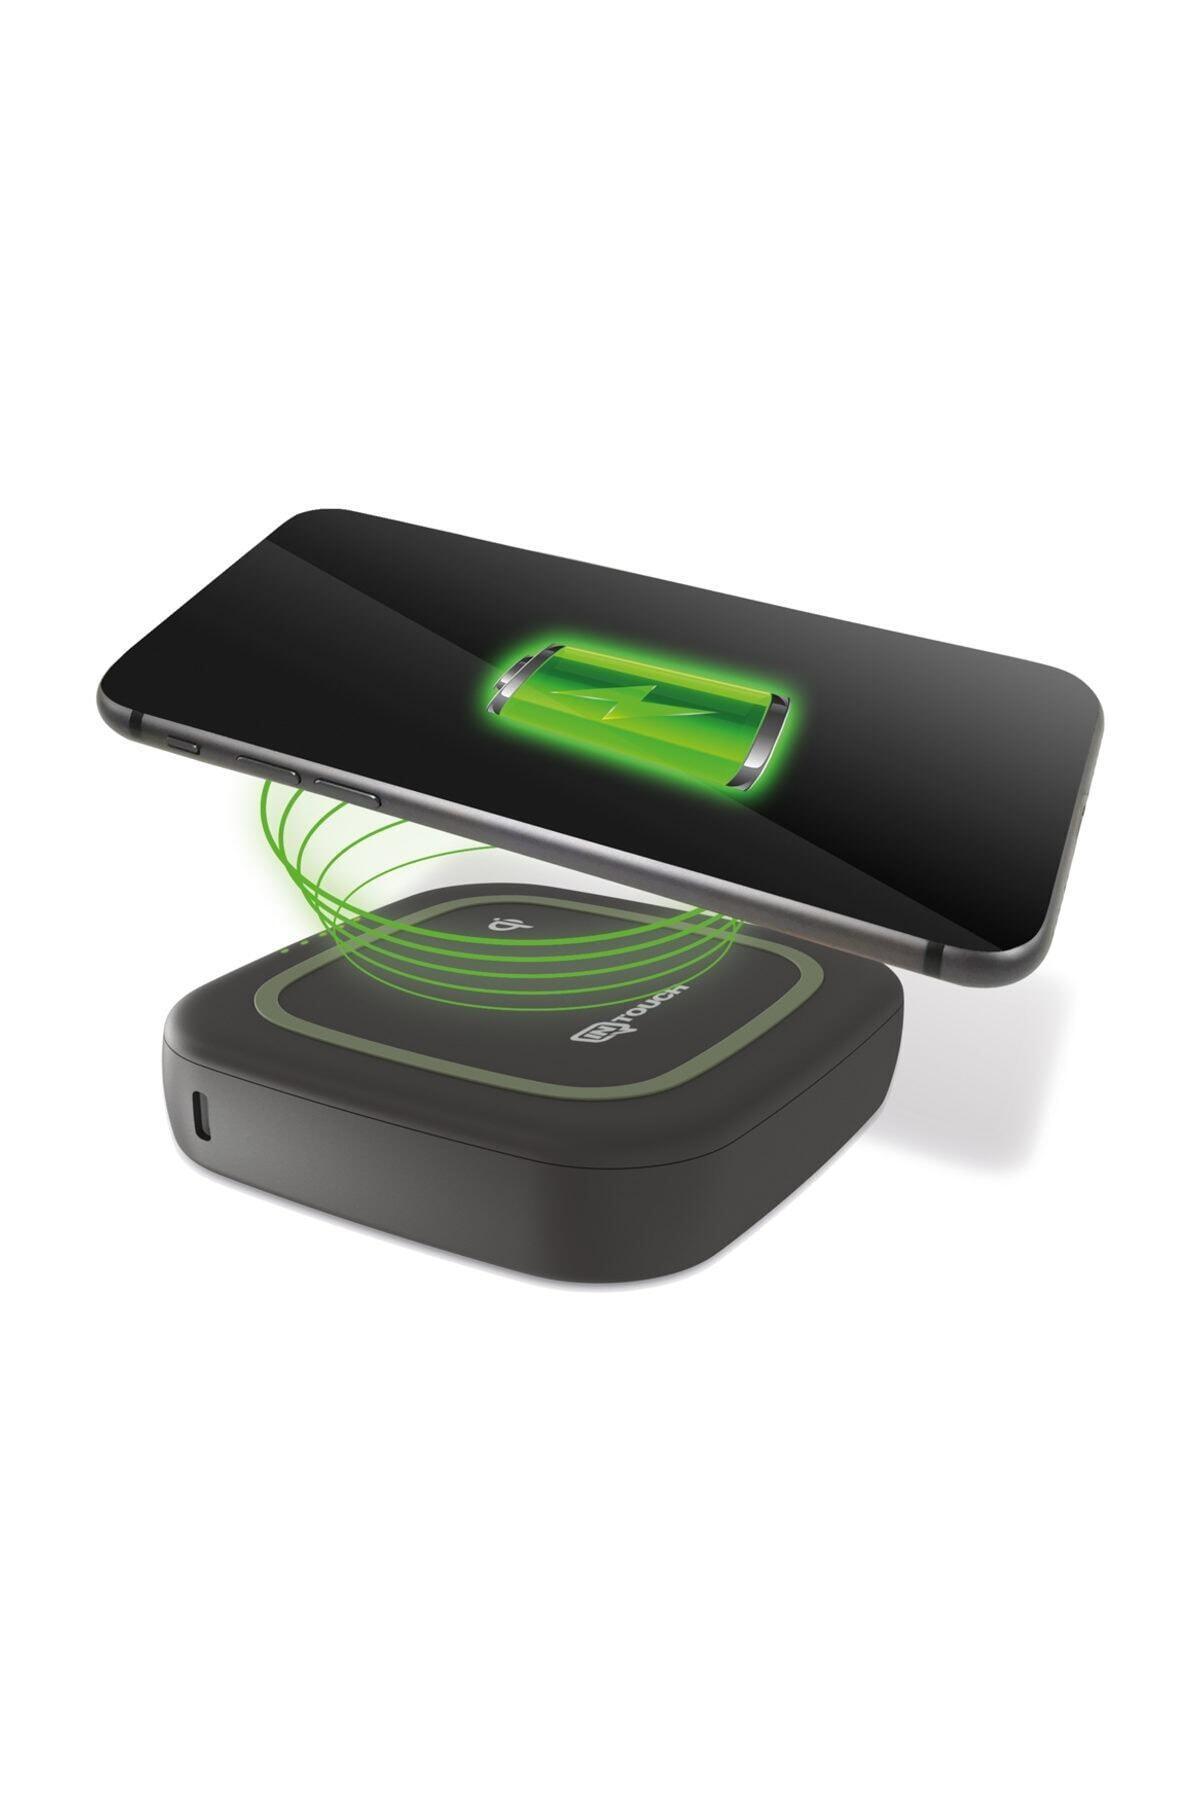 İntouch 10.000mah Cube 18w Pd 10w Wireless Taşınabilir Powerbank 1